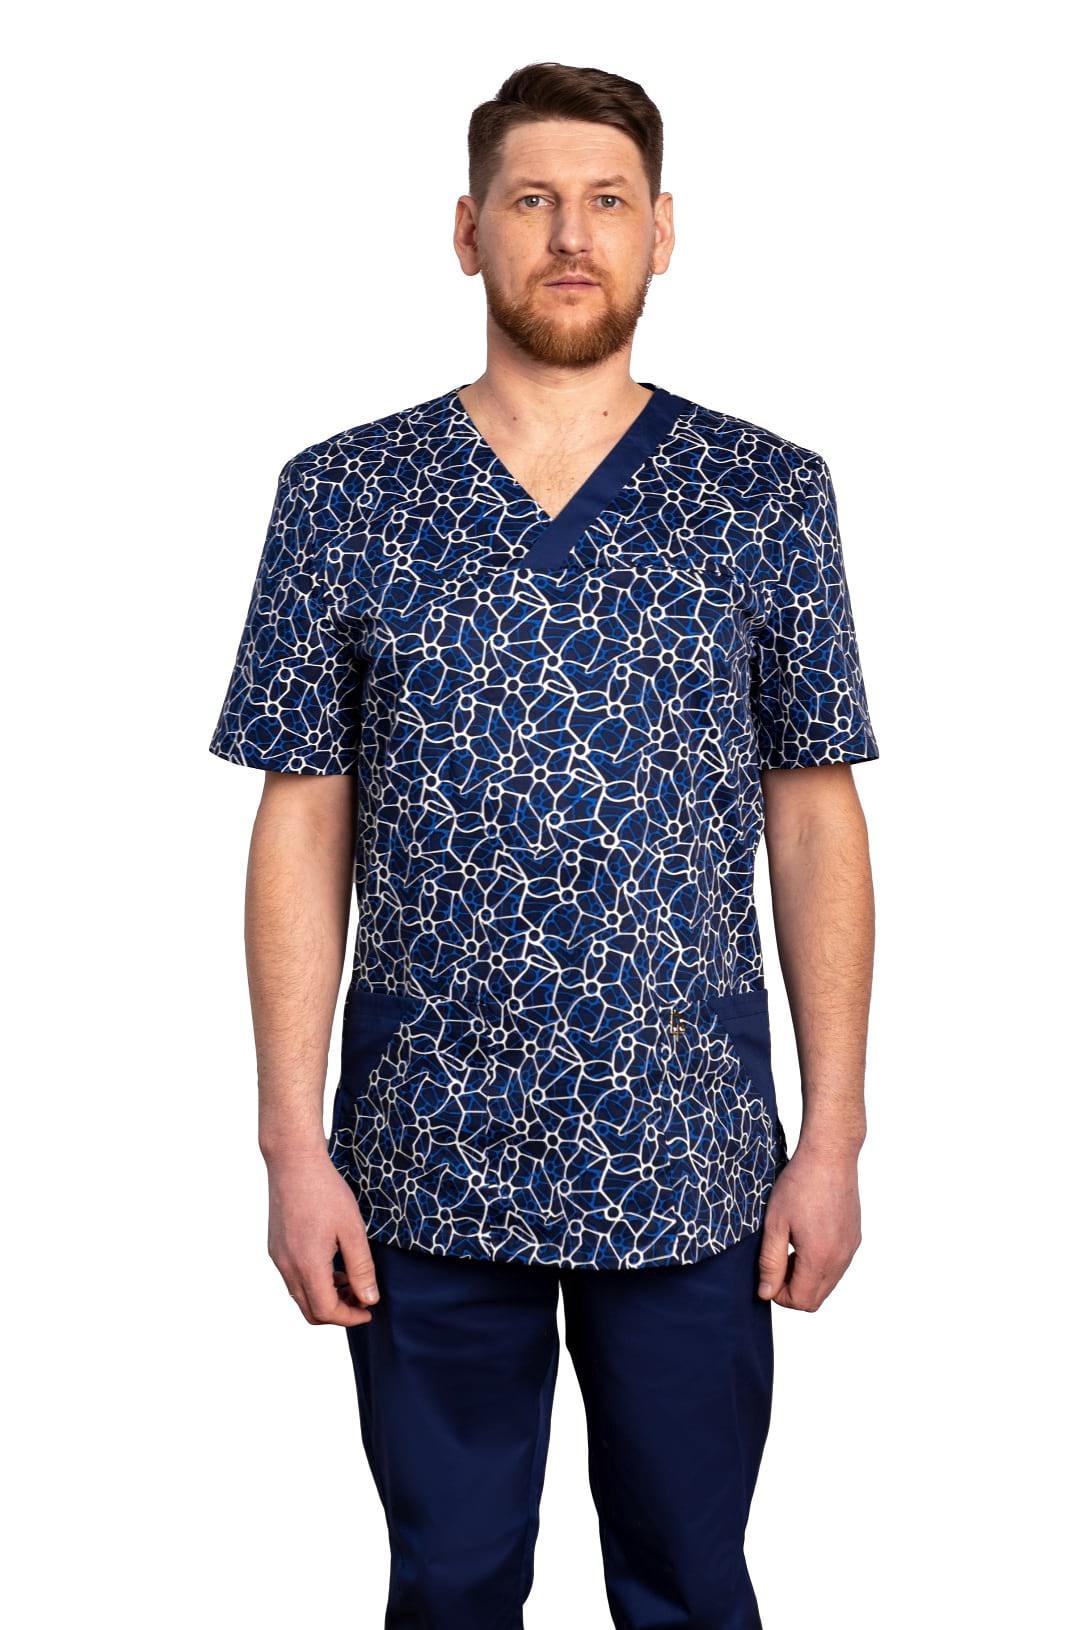 Куртка медицинская мужская R-211 (принт нано, стрейч)